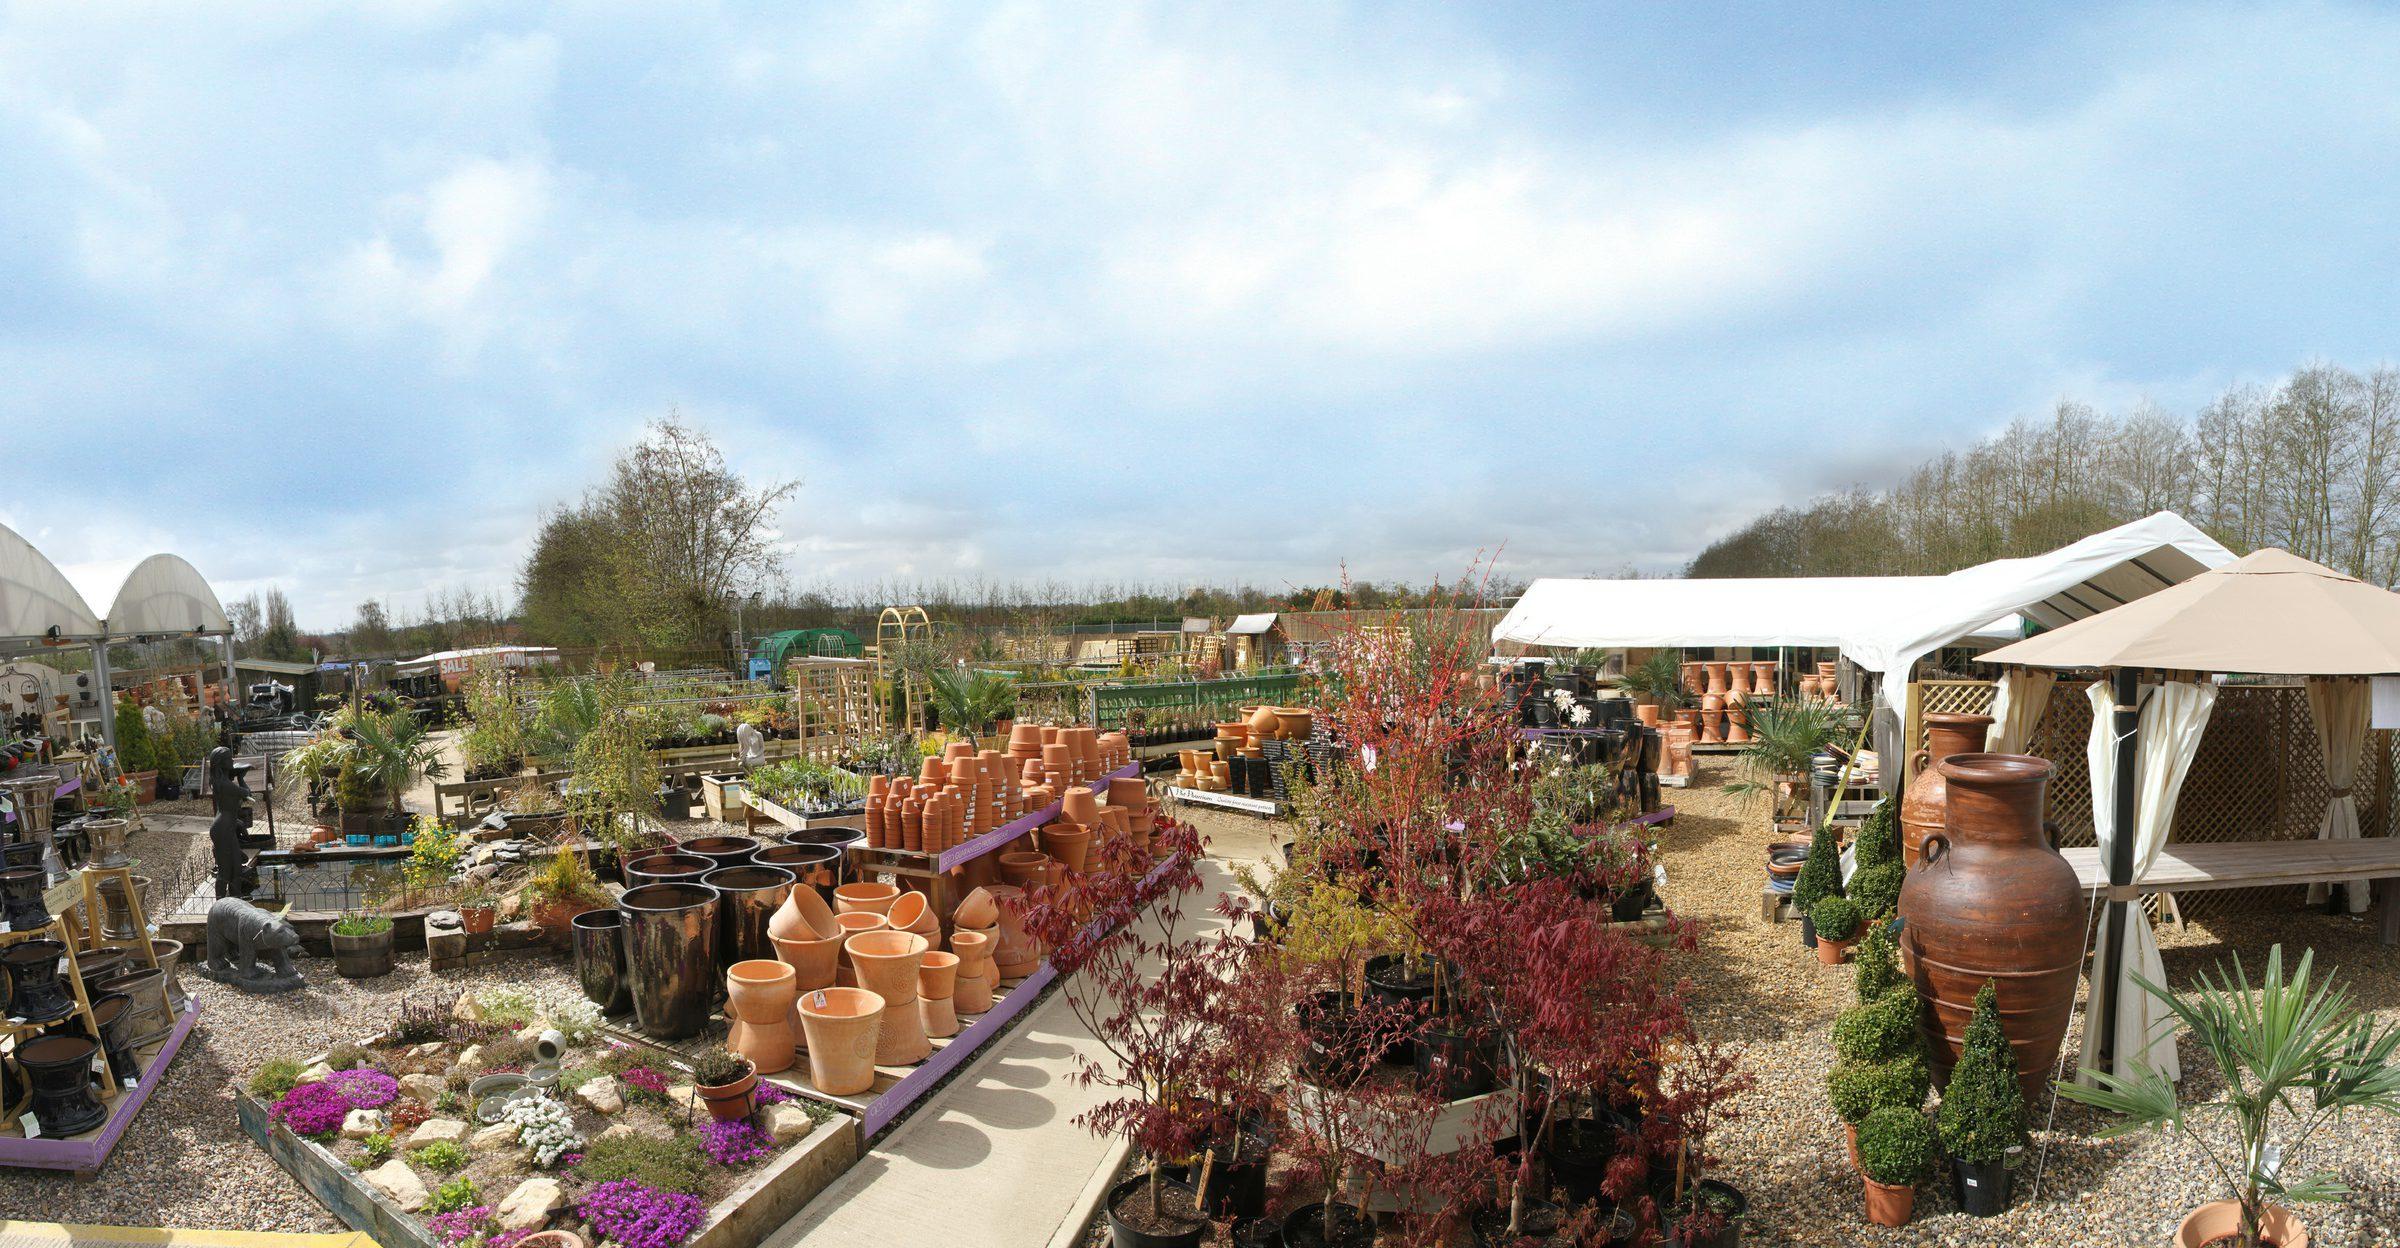 Garden Centre Landscape